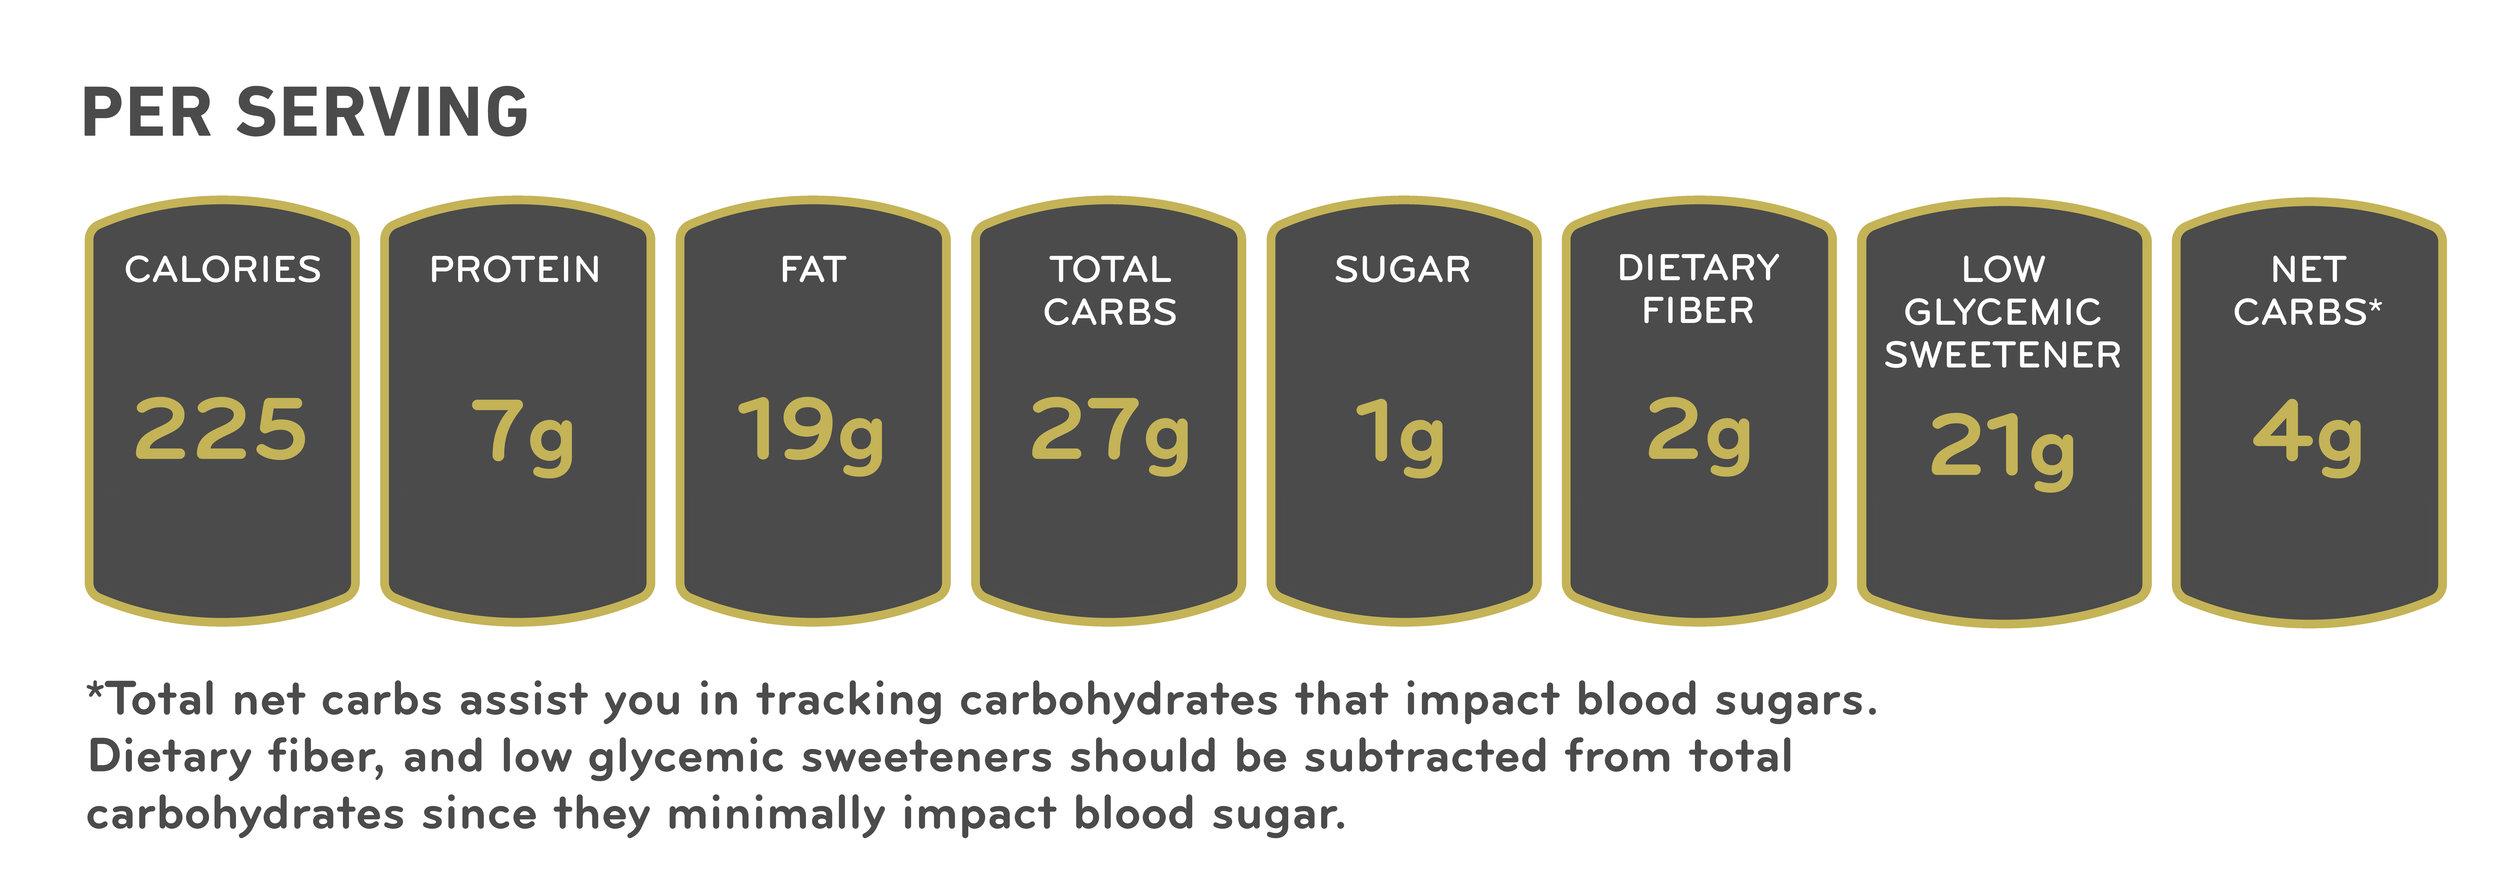 LOW CARB KETO LEMON MERINGUE PIE NUTRITION FACTS.jpg